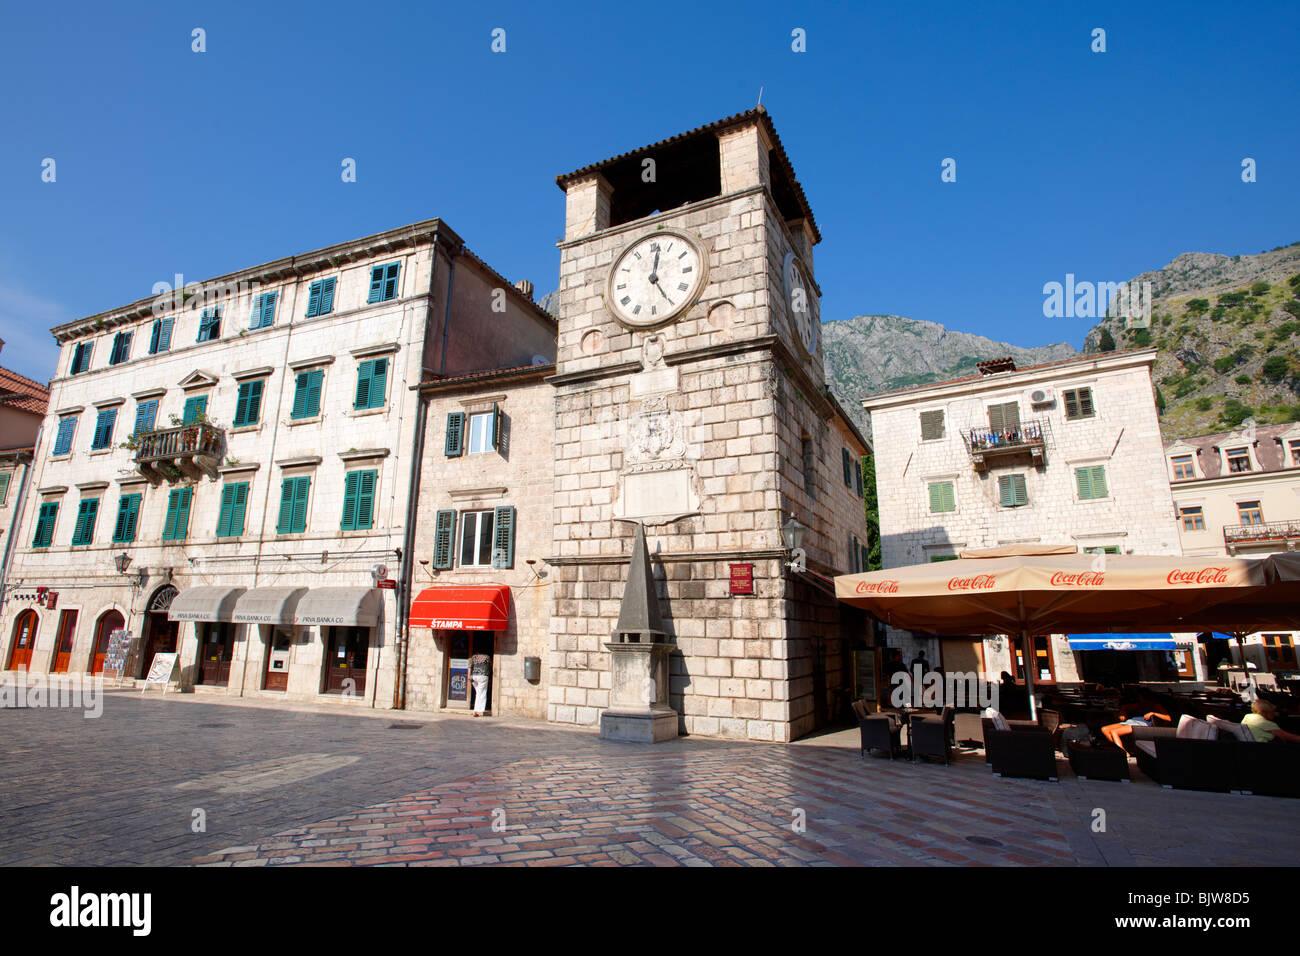 Places d'armes, la place principale de la ville avec la tour de l'horloge érigée en 1602. Kotor, Monténégro. Banque D'Images